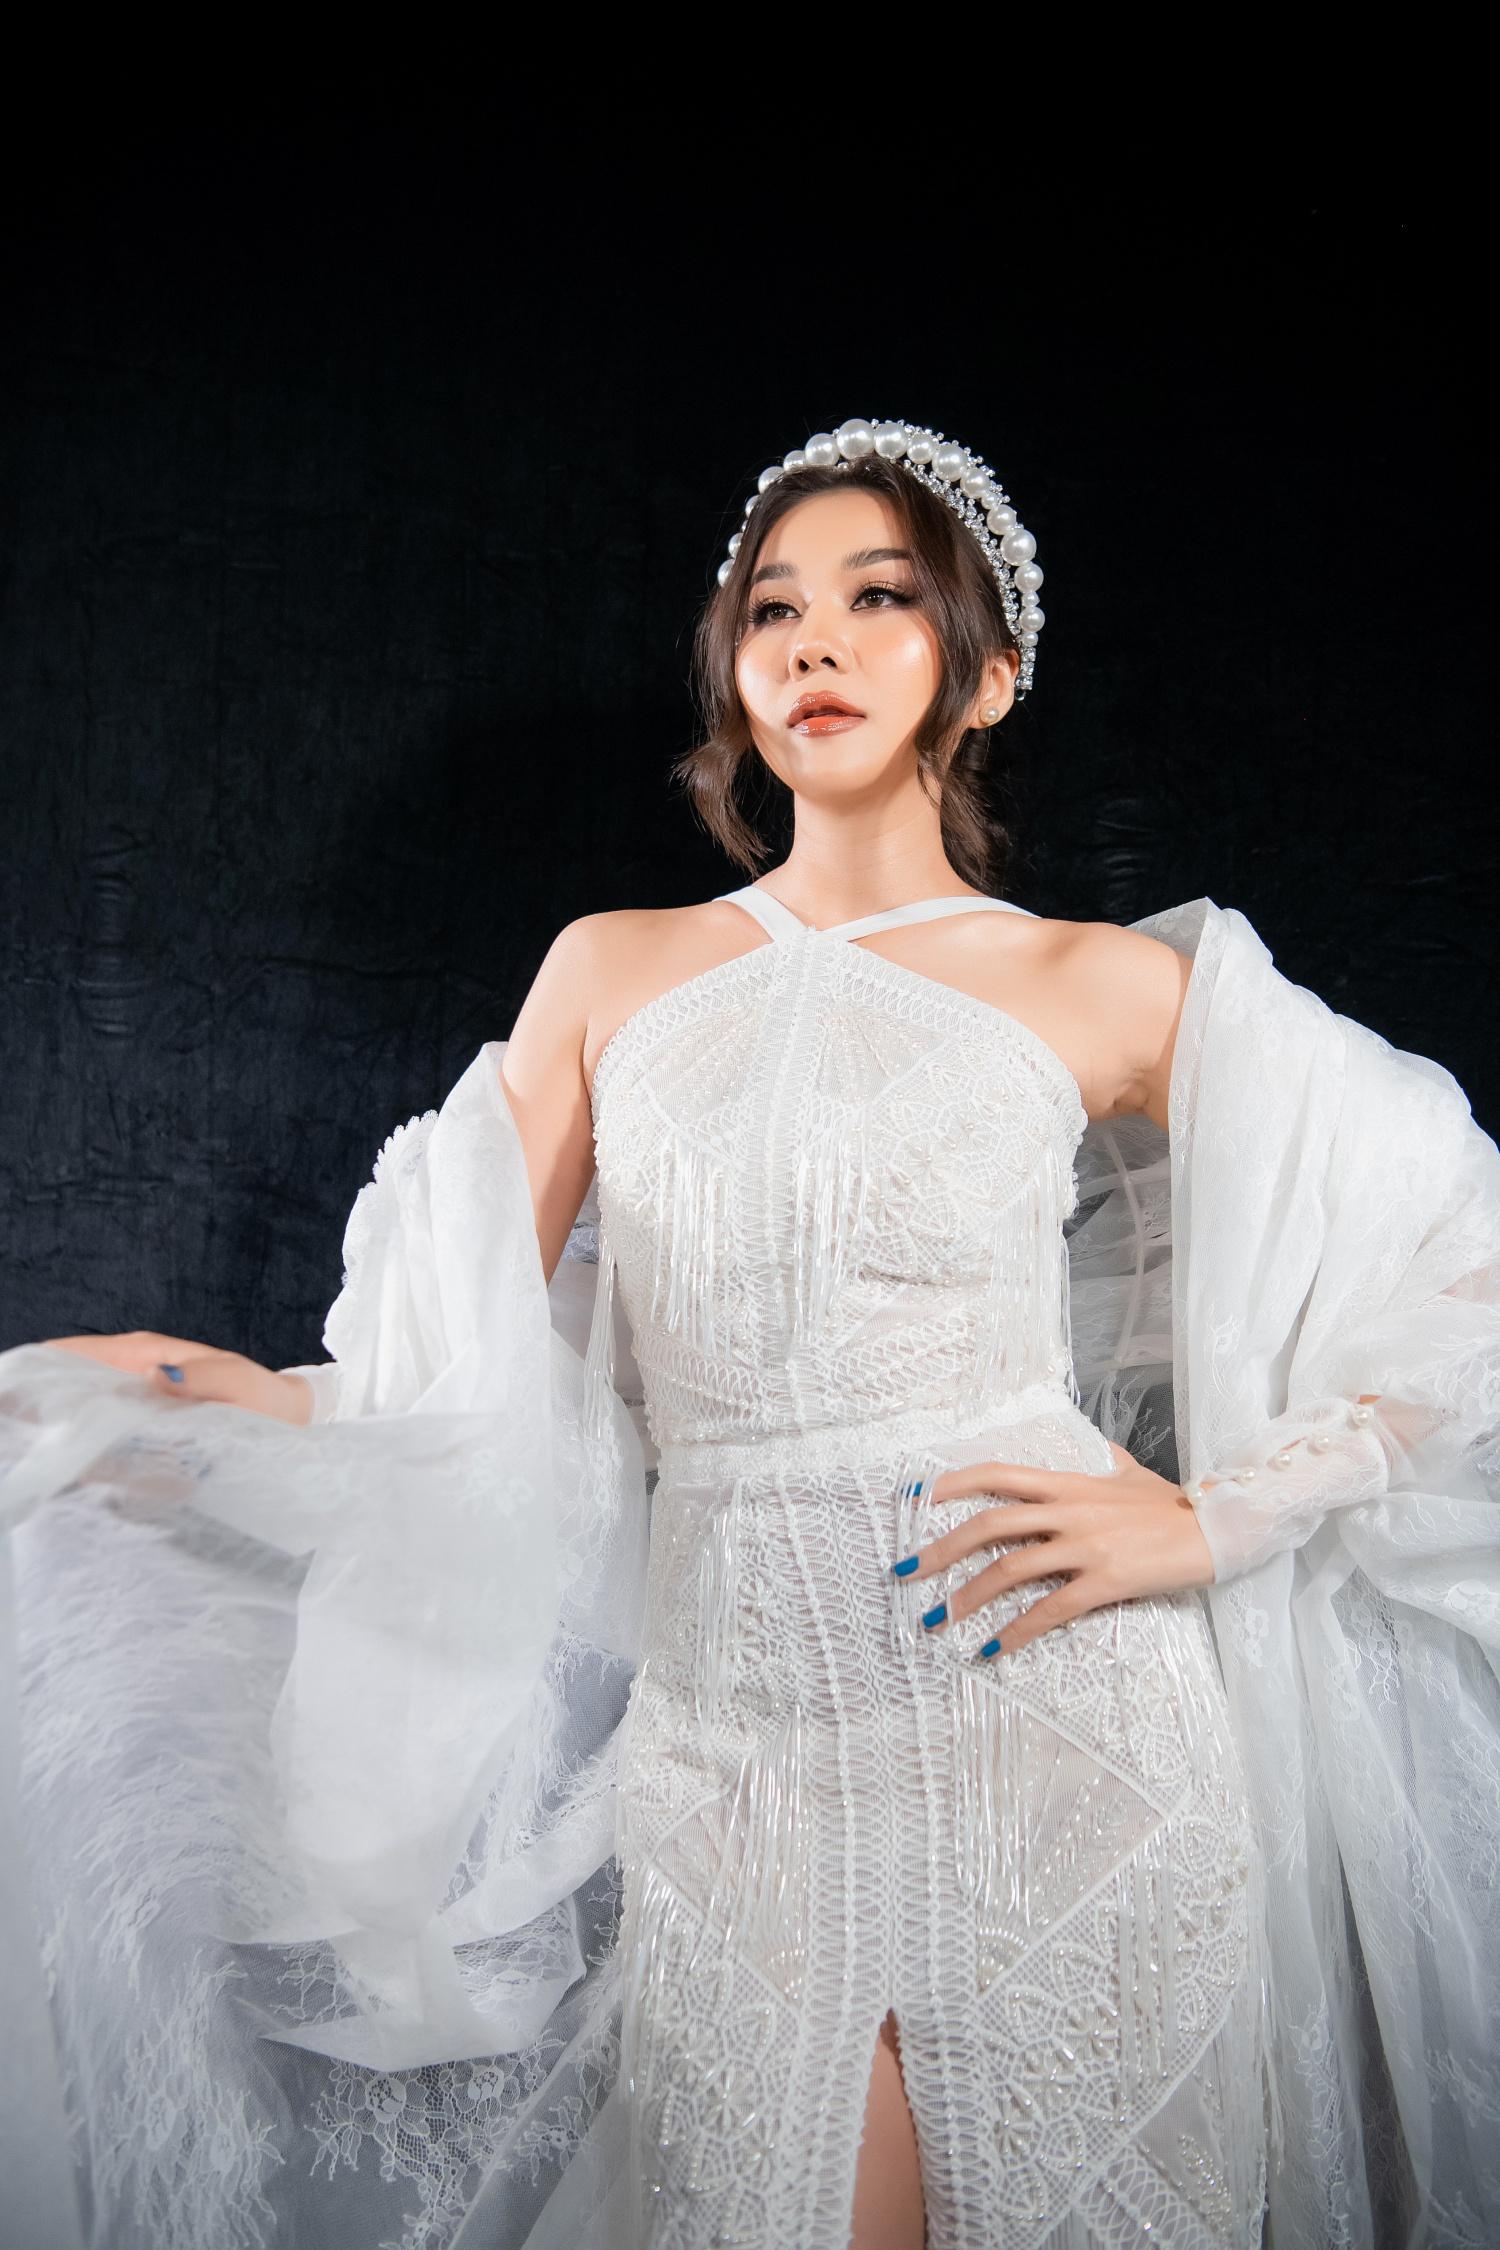 """Lê Âu Ngân Anh bất ngờ trở lại thảm đỏ, siêu mẫu Thanh Hằng hóa """"chị Hằng"""" trong truyền thuyết kết màn Tuần lễ thời trang - Ảnh 3."""